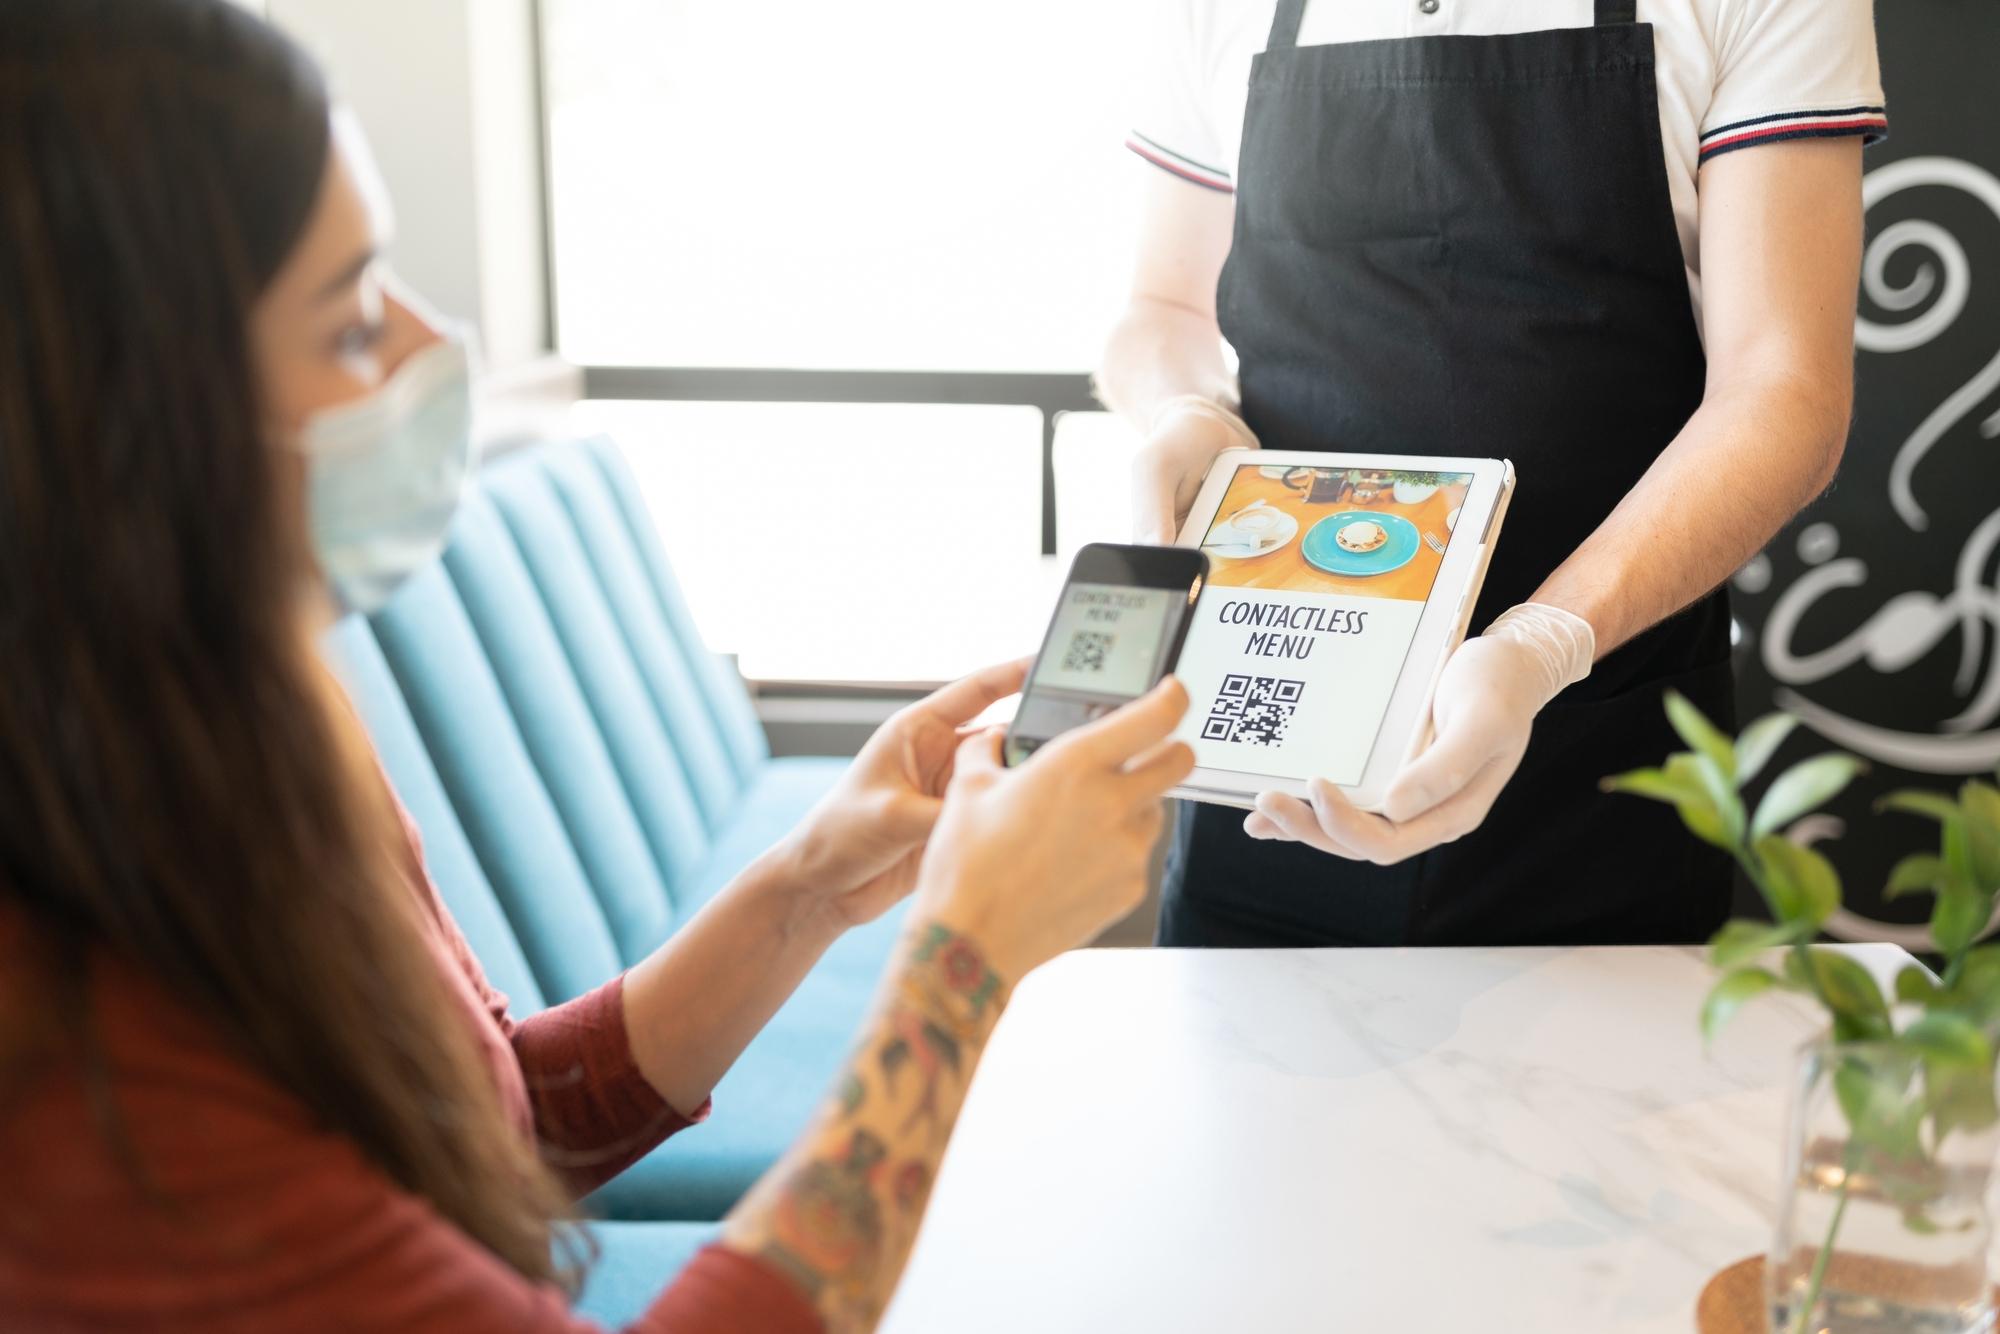 Заказы через QR-код и киоск самообслуживания. Как вашему ресторану не терять клиентов в 2021 году